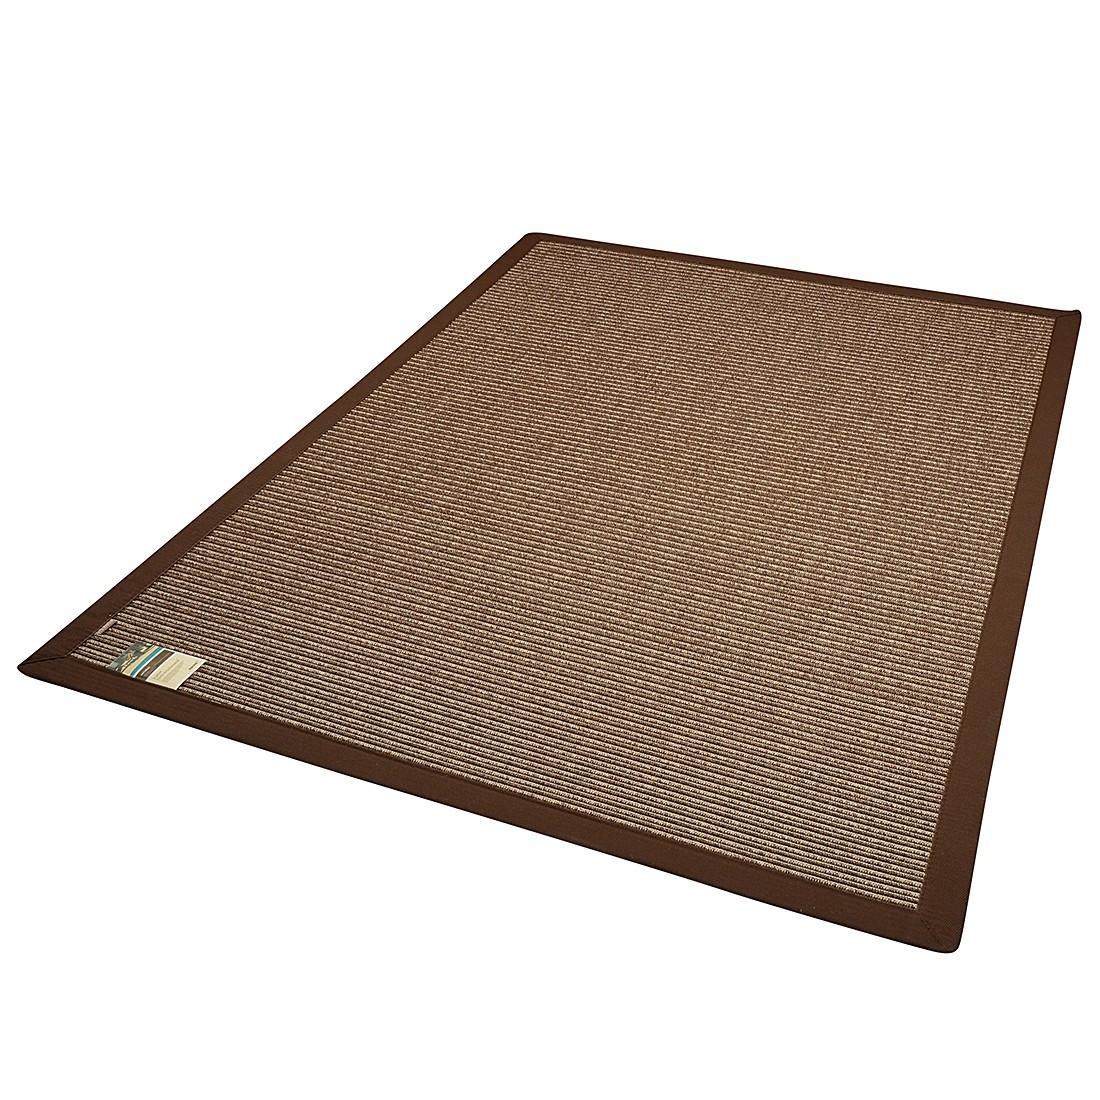 In-/Outdoorteppich Naturino Stripes – Schokoladenbraun – 80 x 160 cm, DEKOWE jetzt kaufen